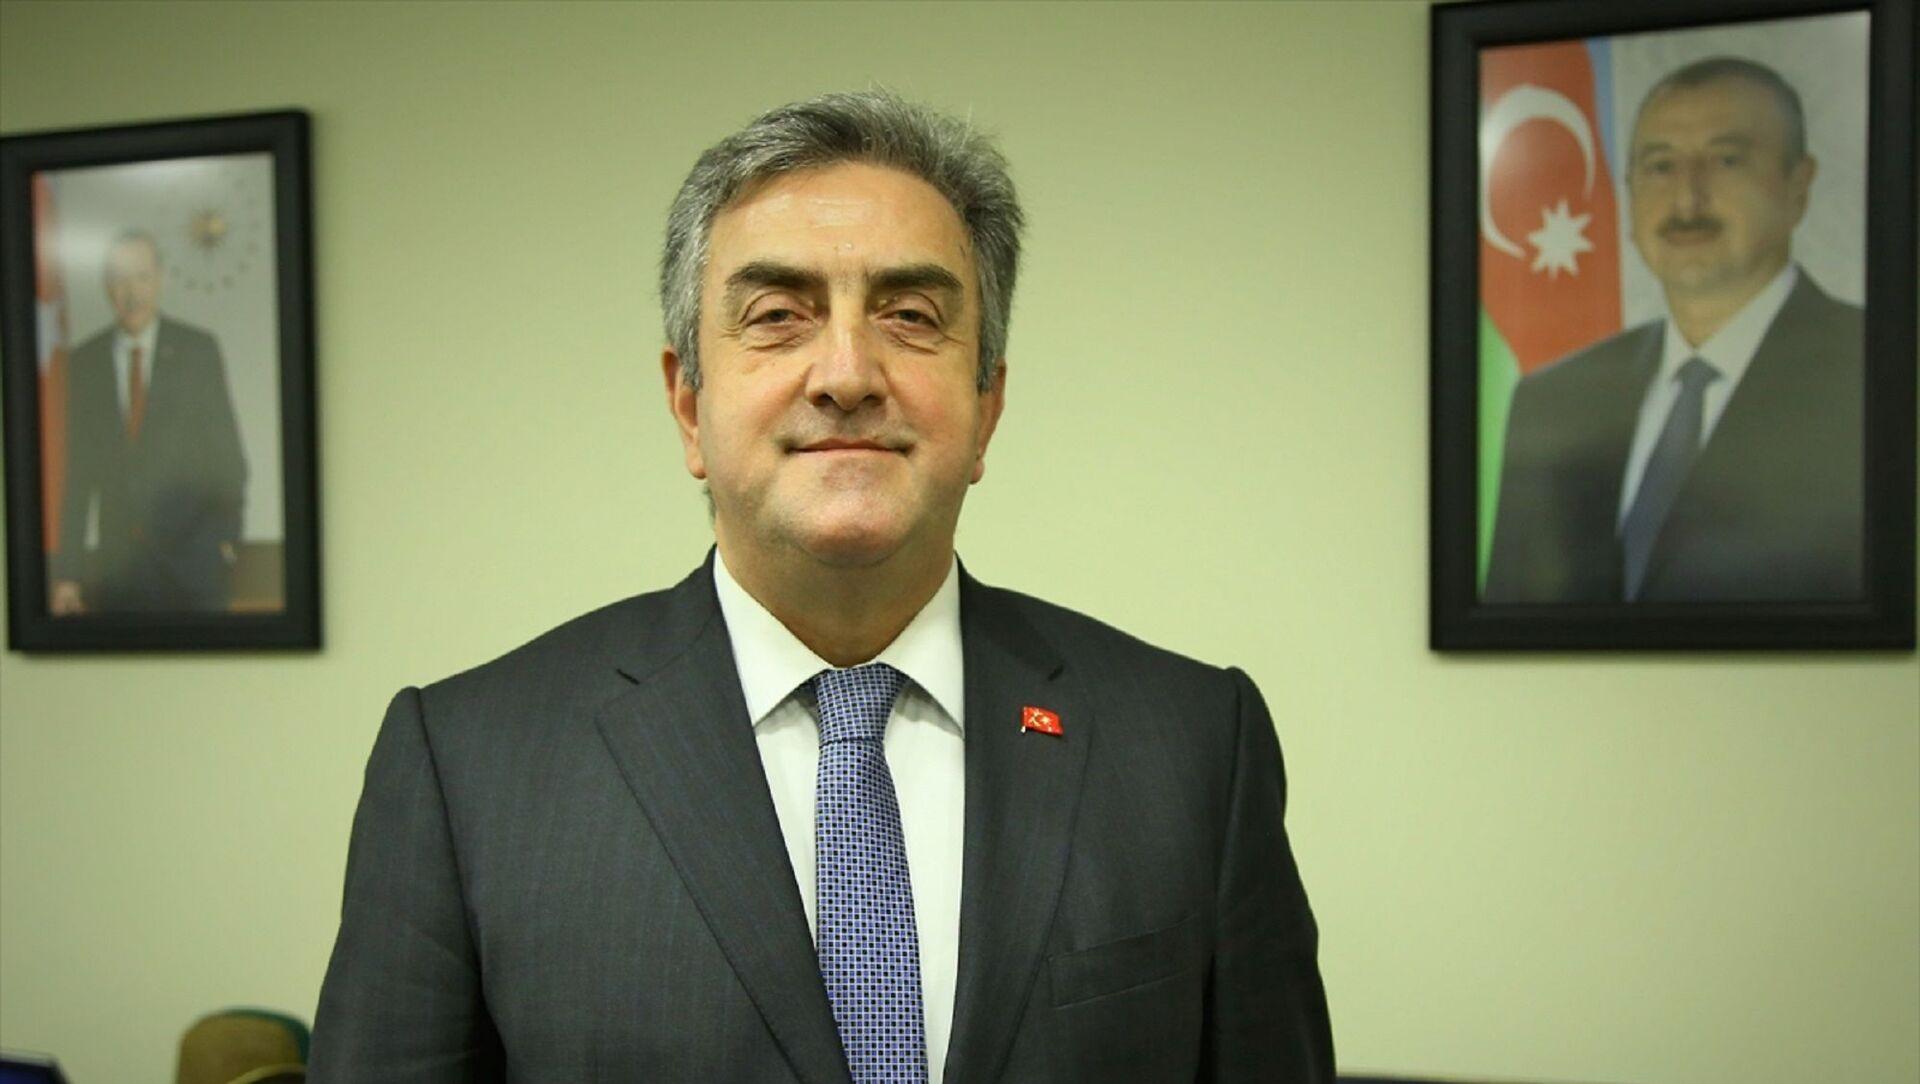 TürkiyeUzayAjansı (TUA) Başkanı Serdar Hüseyin Yıldırım - Sputnik Türkiye, 1920, 20.02.2021